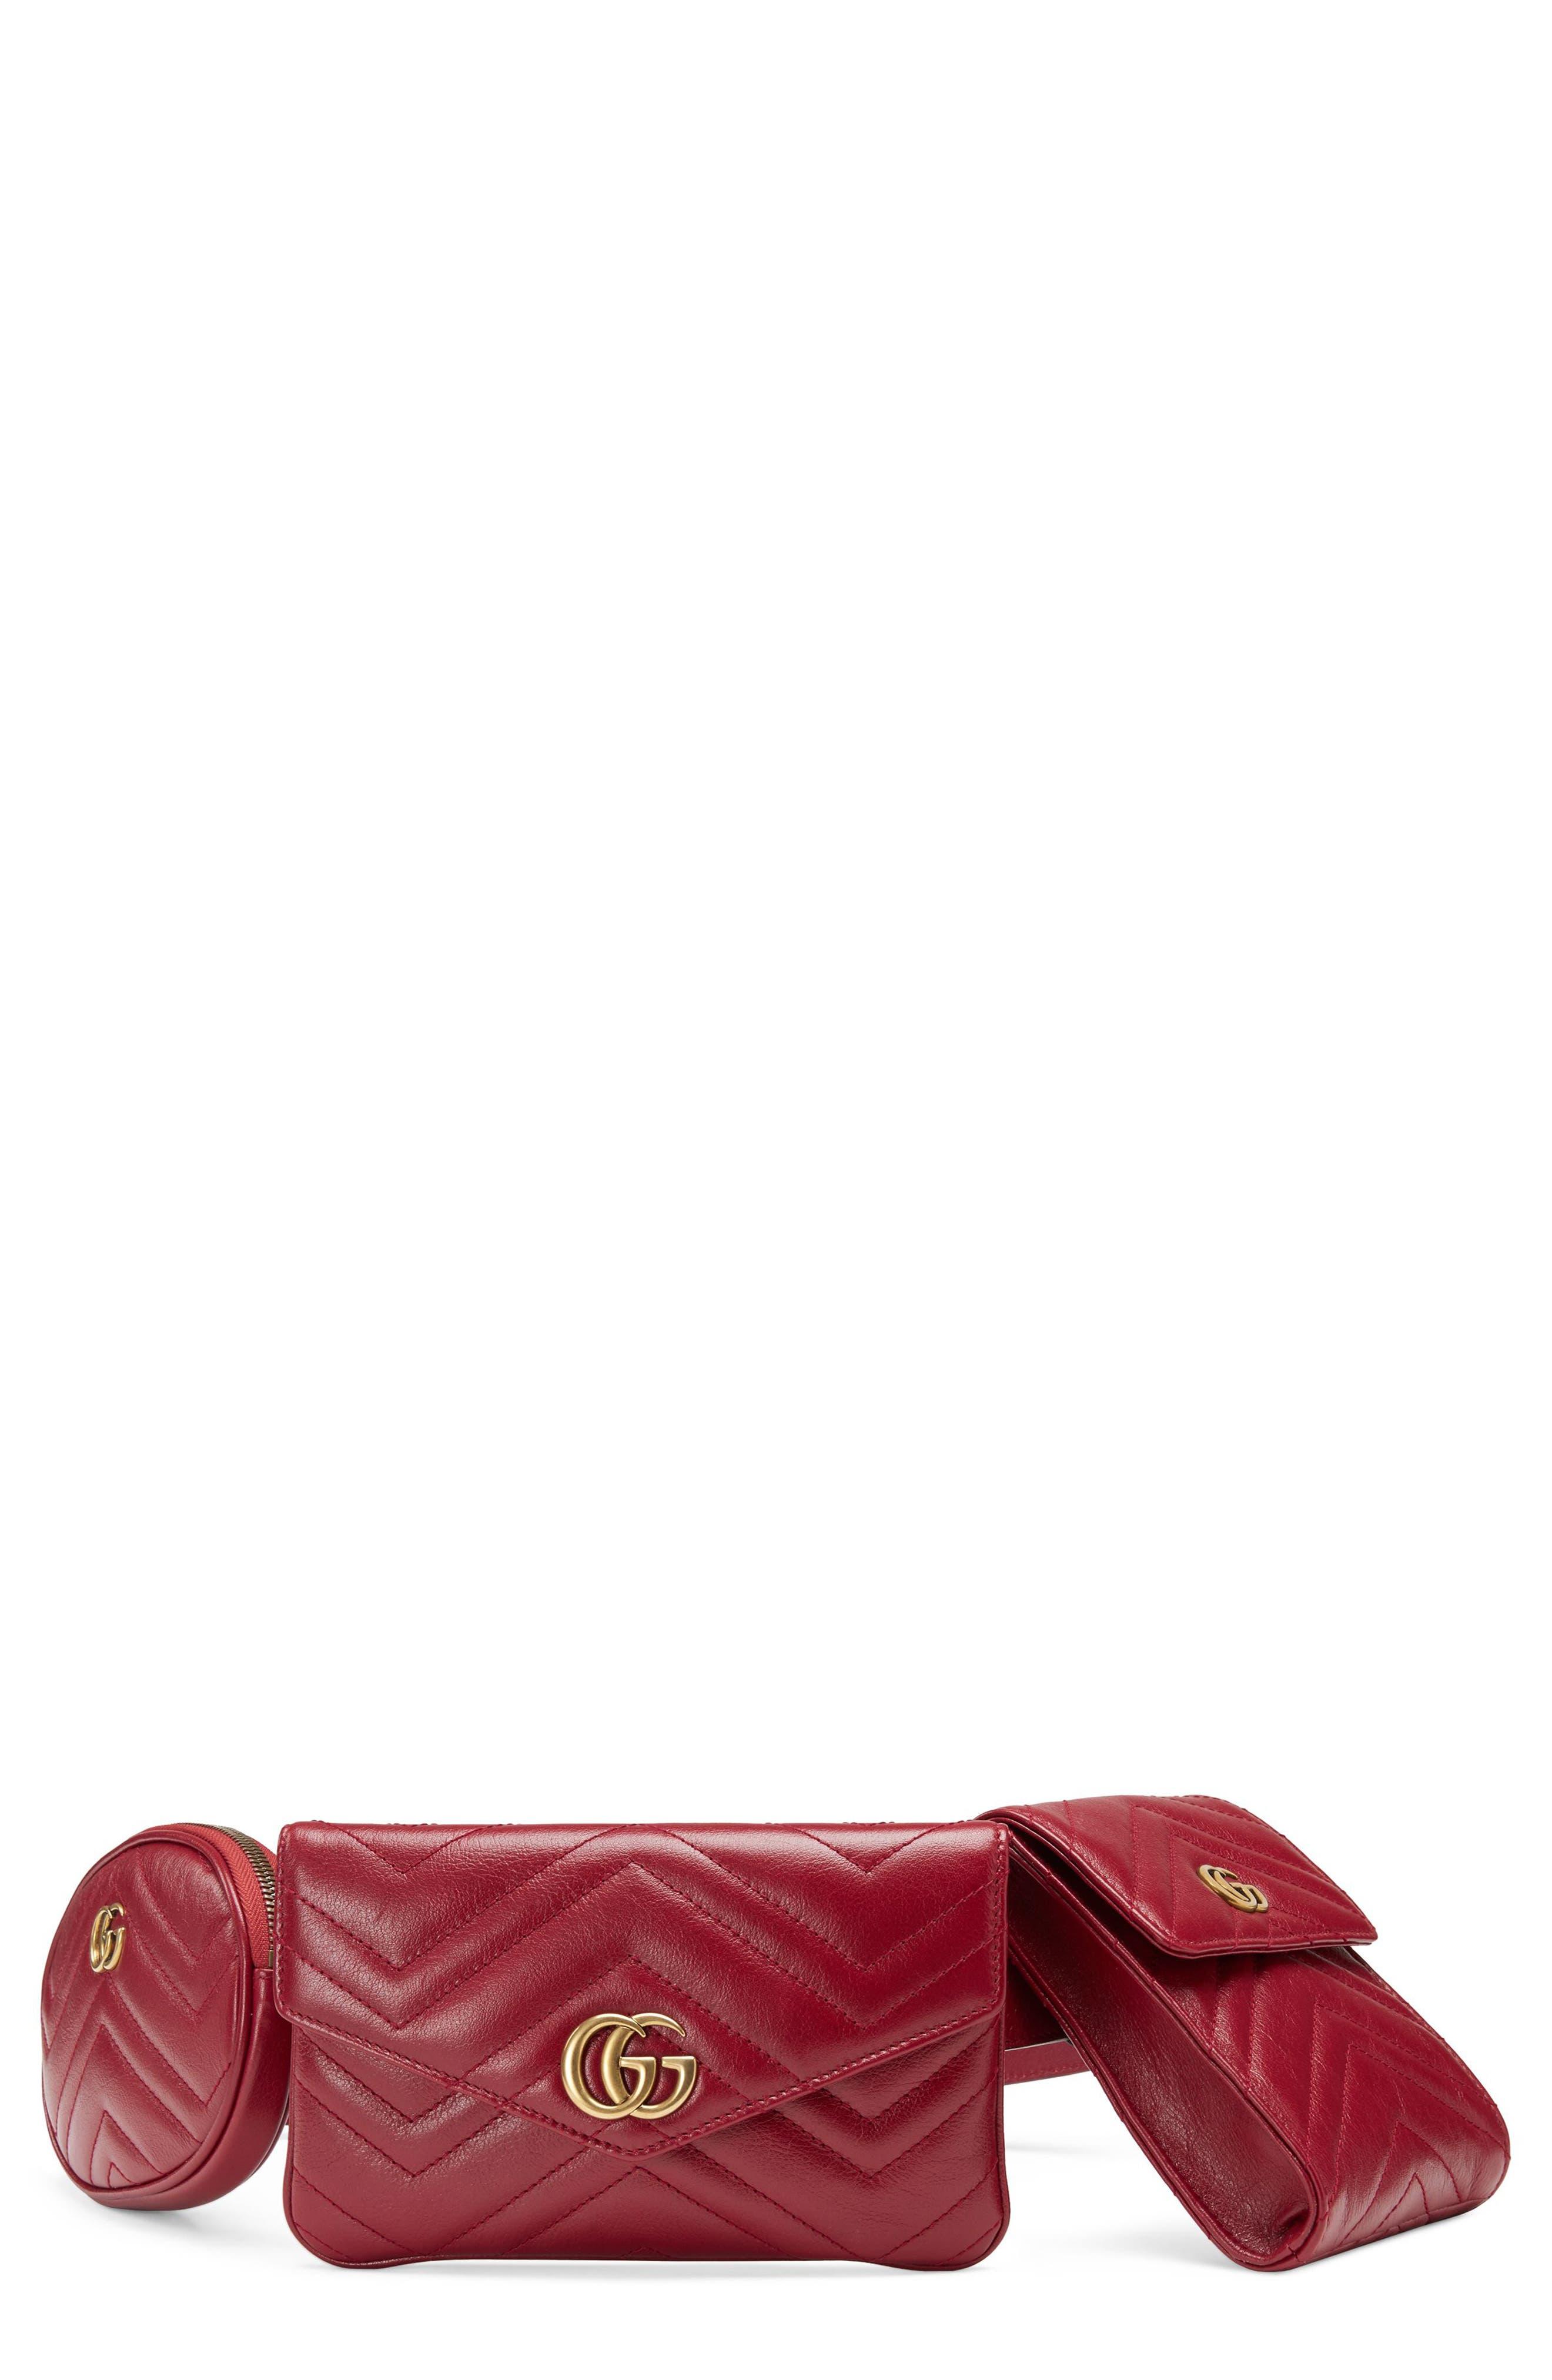 GG Marmont 2.0 Matelassé Triple Pouch Leather Belt Bag,                         Main,                         color, Cerise/ Cerise